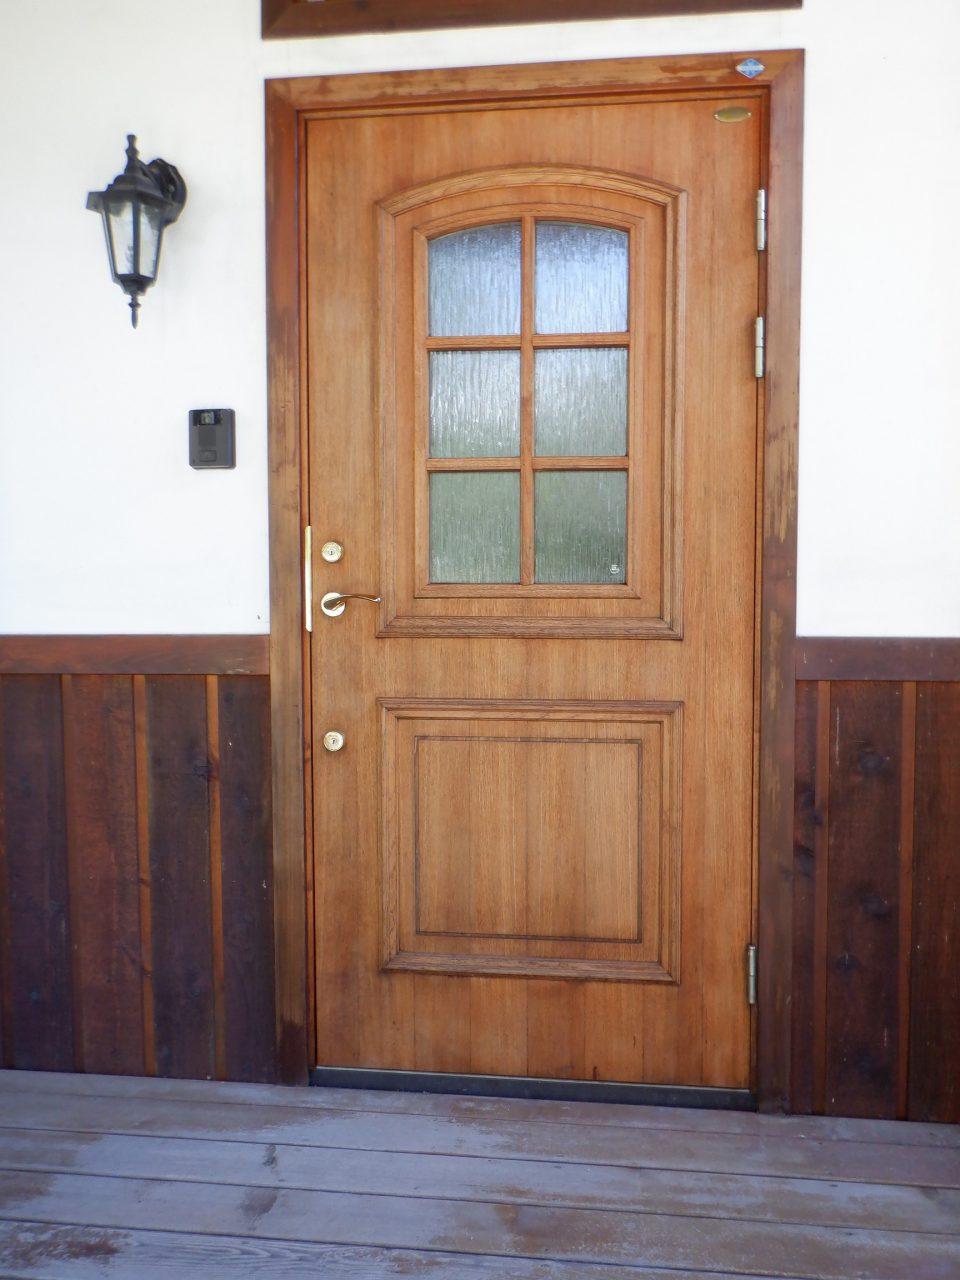 今なお木製断熱ドアのトップメーカーであり続けるガデリウス社のスウェドア。 北側で直射日光もあまりあたらない好条件のため&よくメンテナンスされており、新品同等に見える。